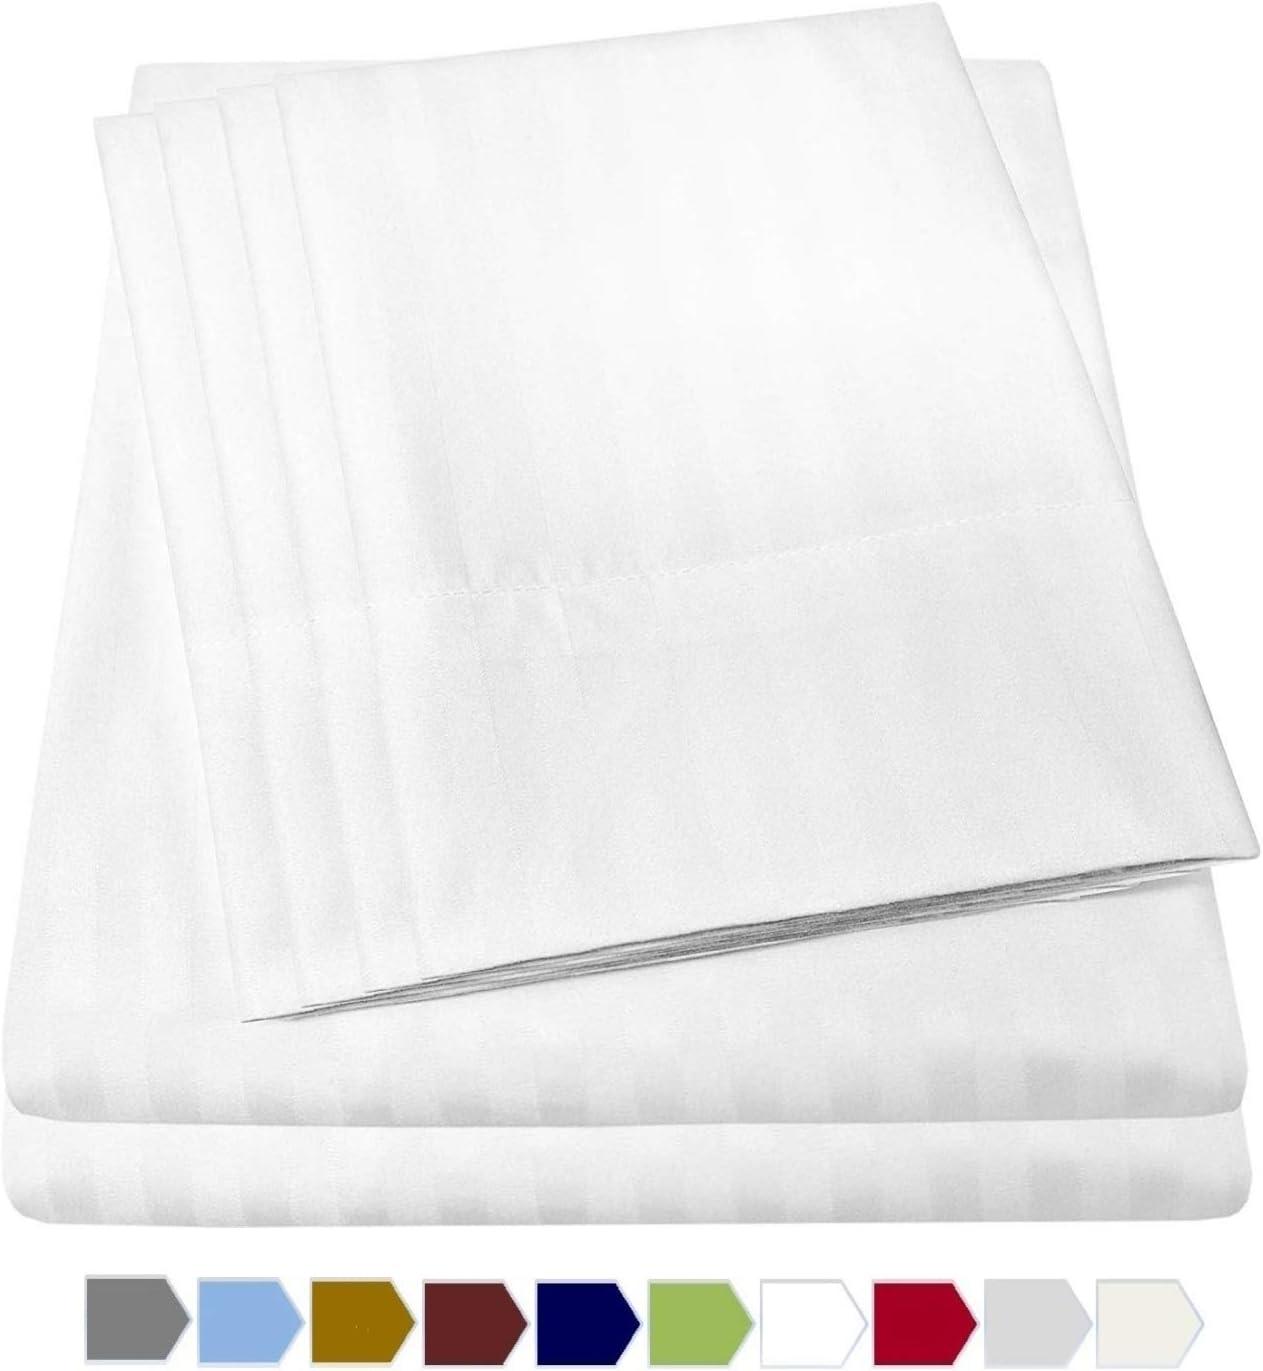 Rajlinen Luxury Egyptian Cotton 650-Thread-Count 6 Sateen Finish Cheap Popular brand